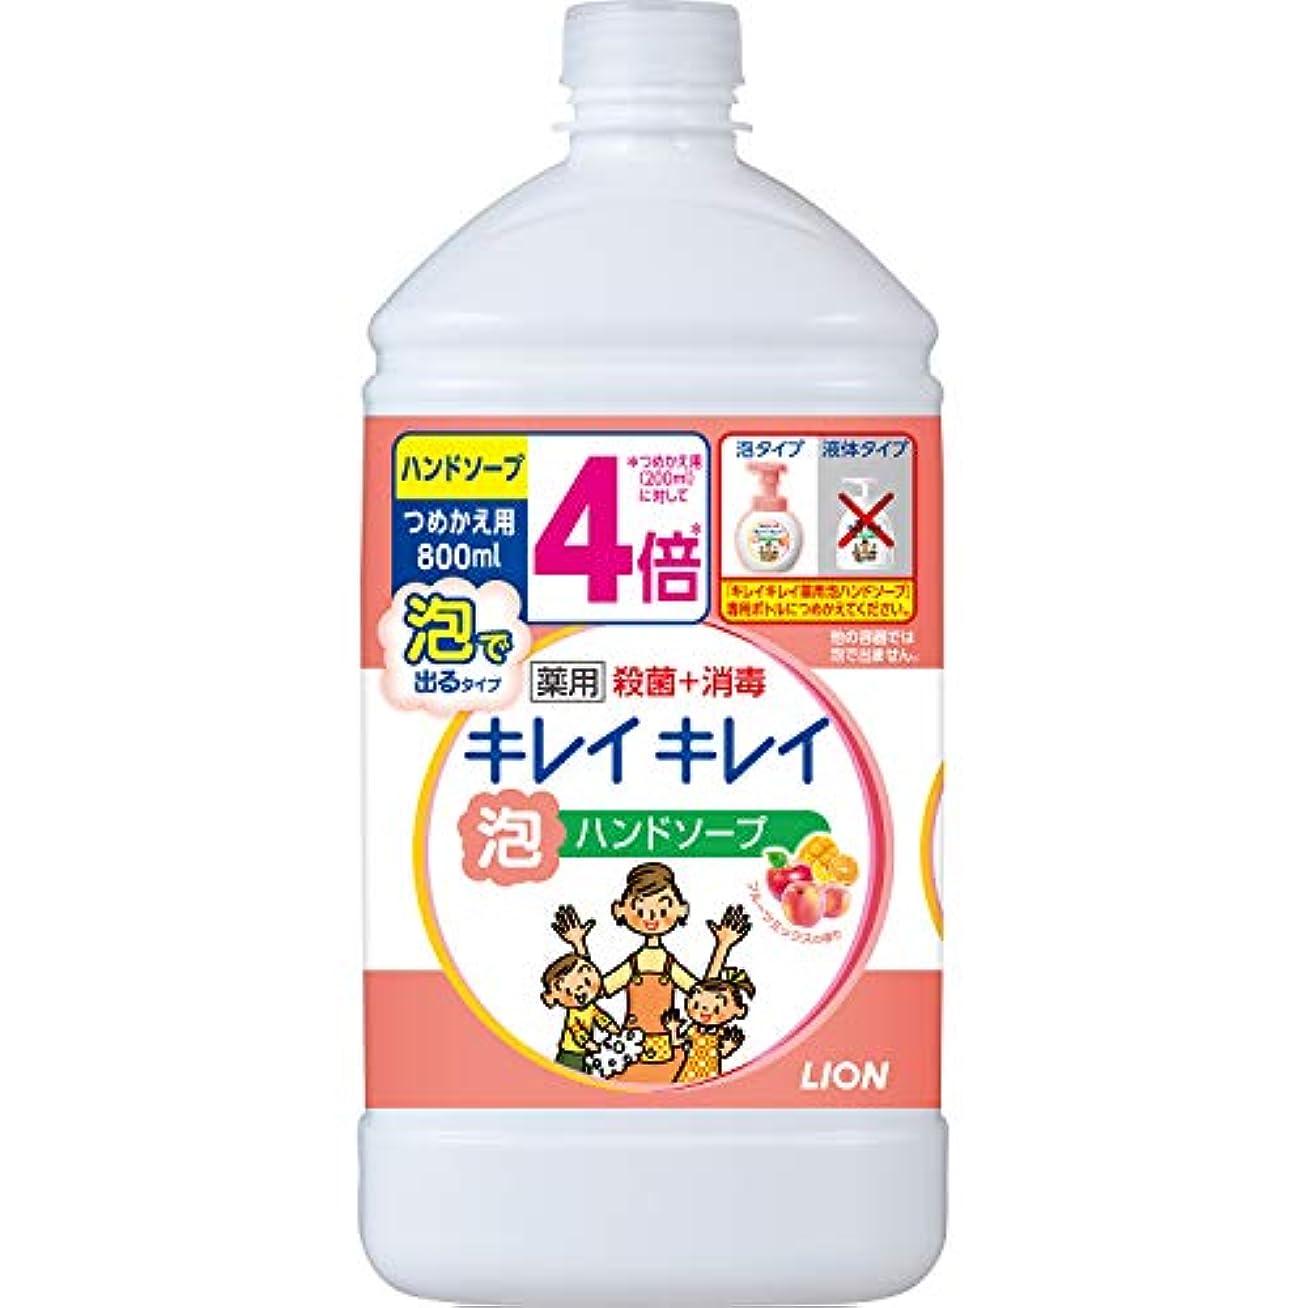 どこでも故意の困難(医薬部外品)【大容量】キレイキレイ 薬用 泡ハンドソープ フルーツミックスの香り 詰め替え用 800ml